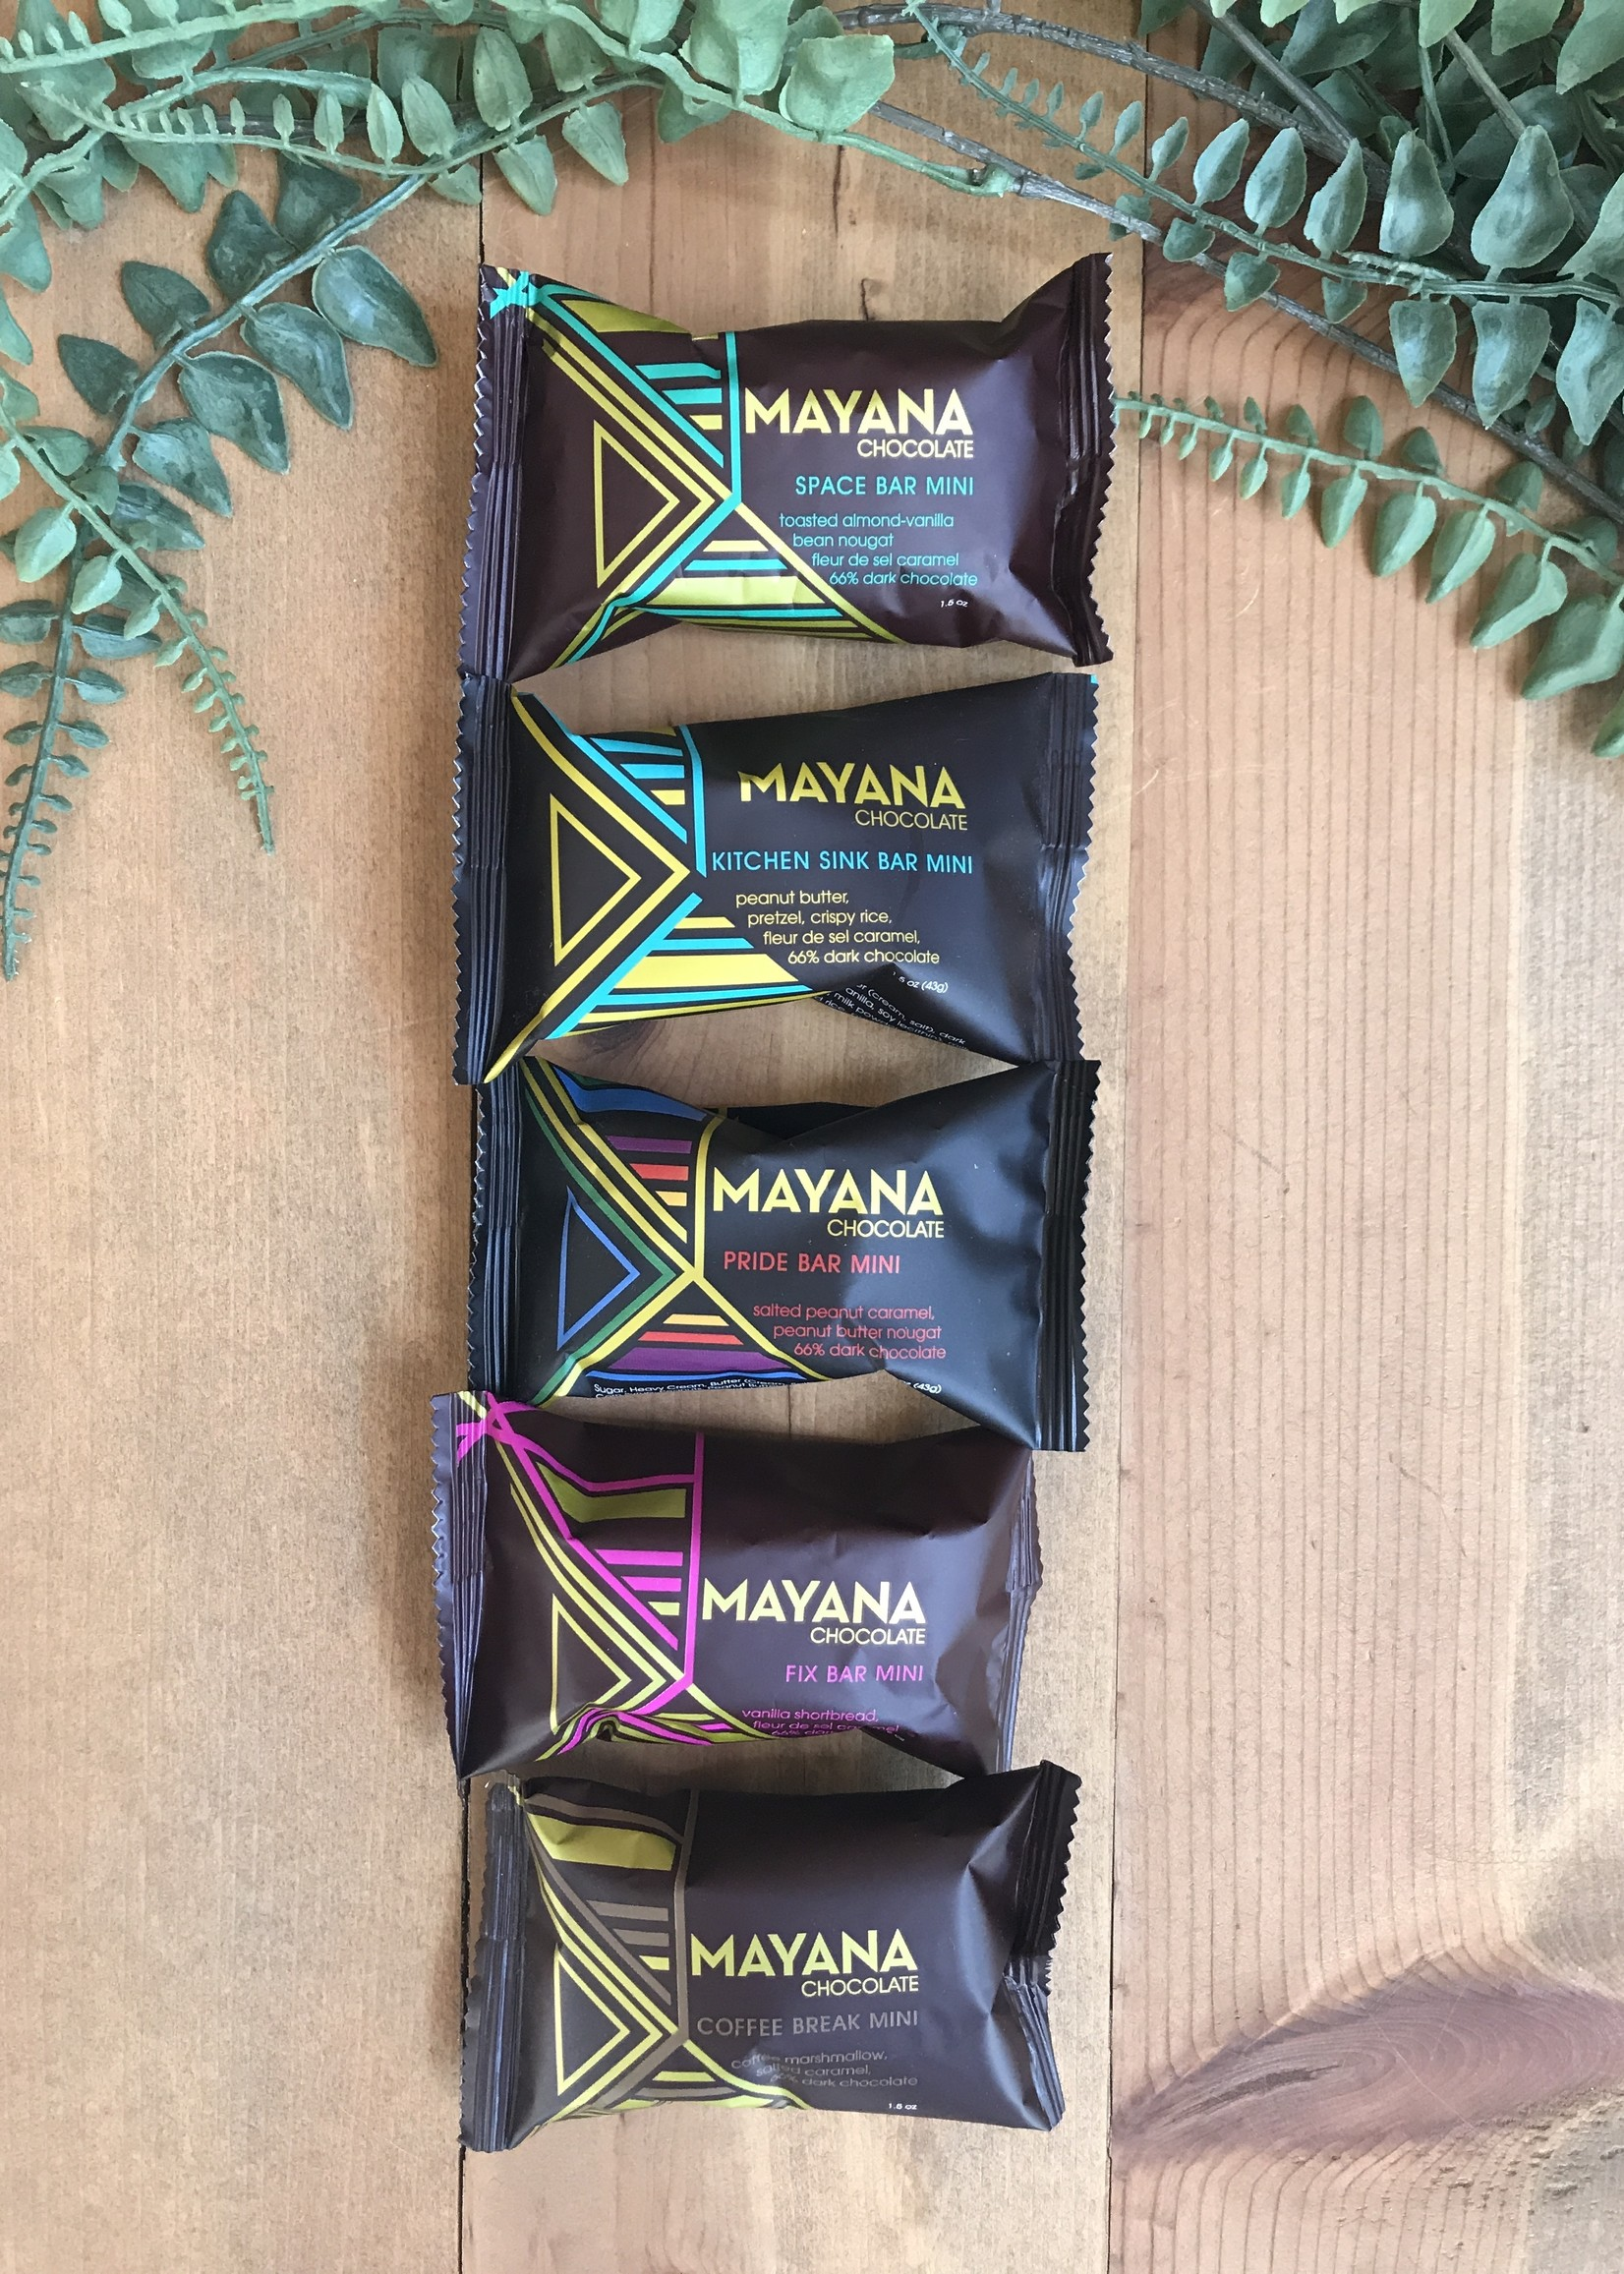 Mayana Chocolate Bar